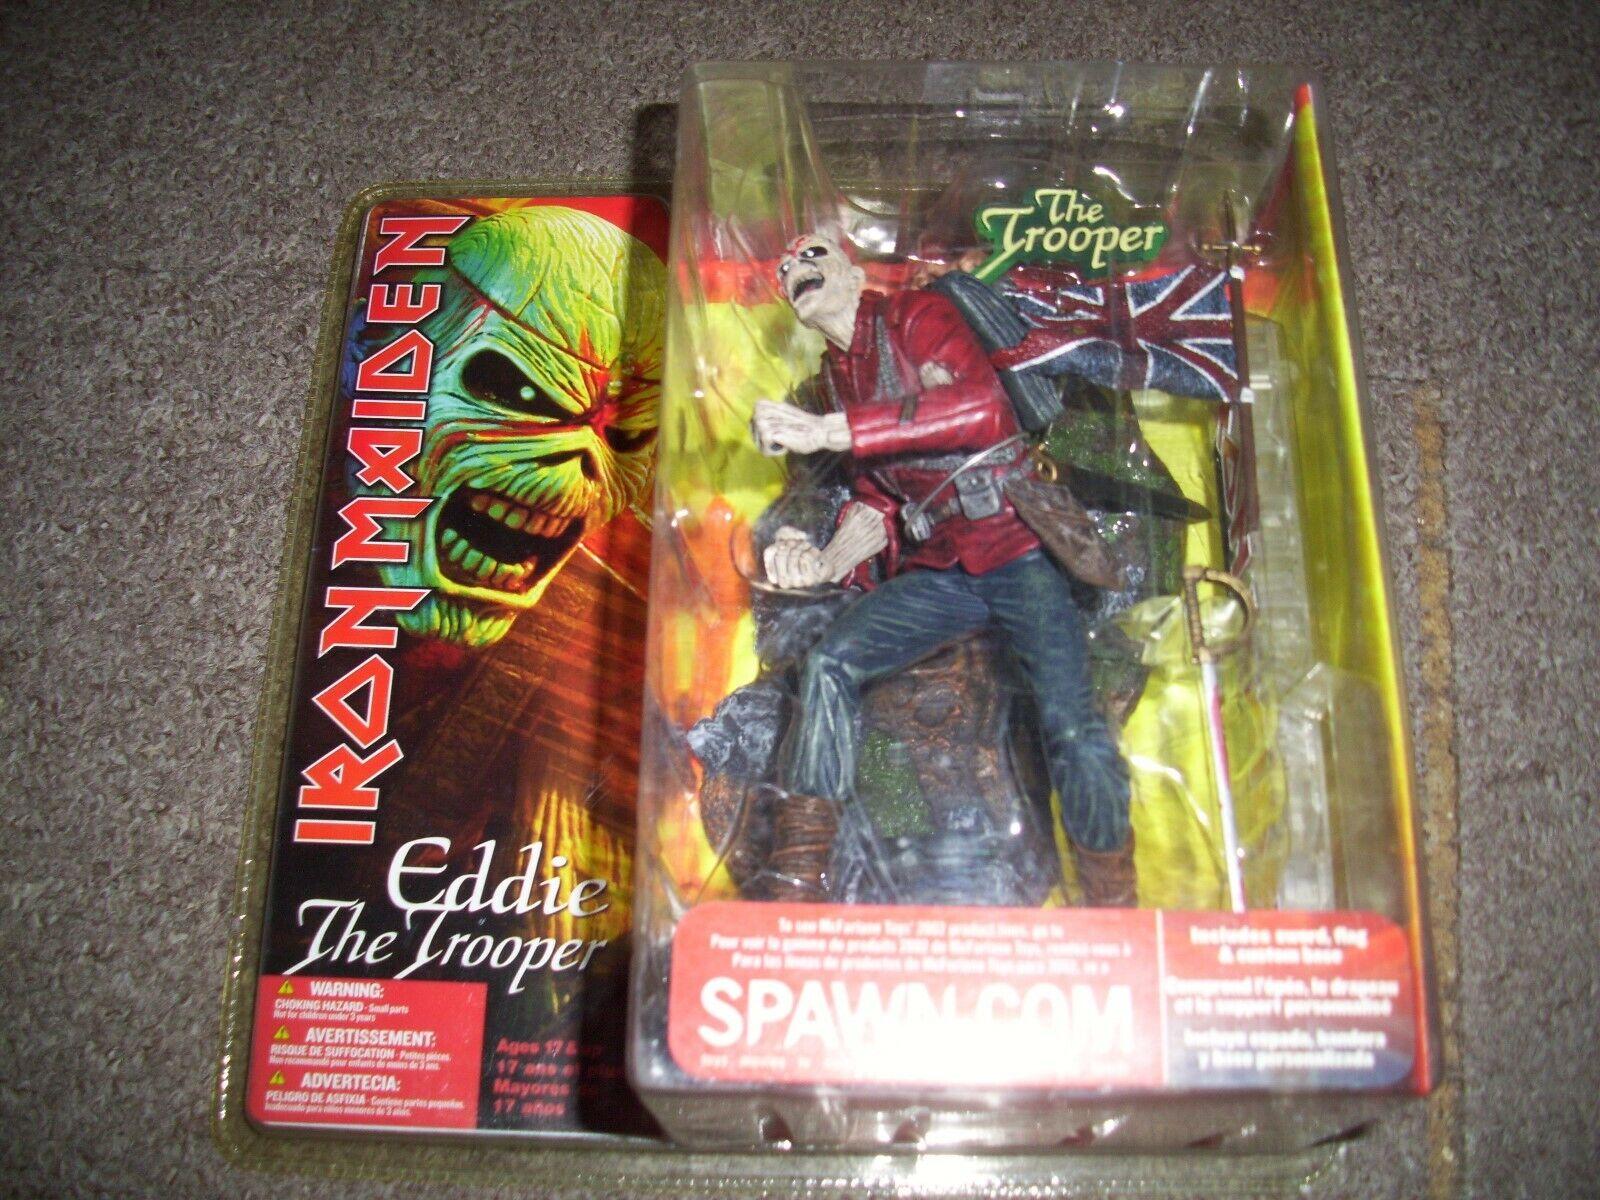 Iron Maiden  Eddie The Trooper Figure  Spawn Macfarlane. still sealed